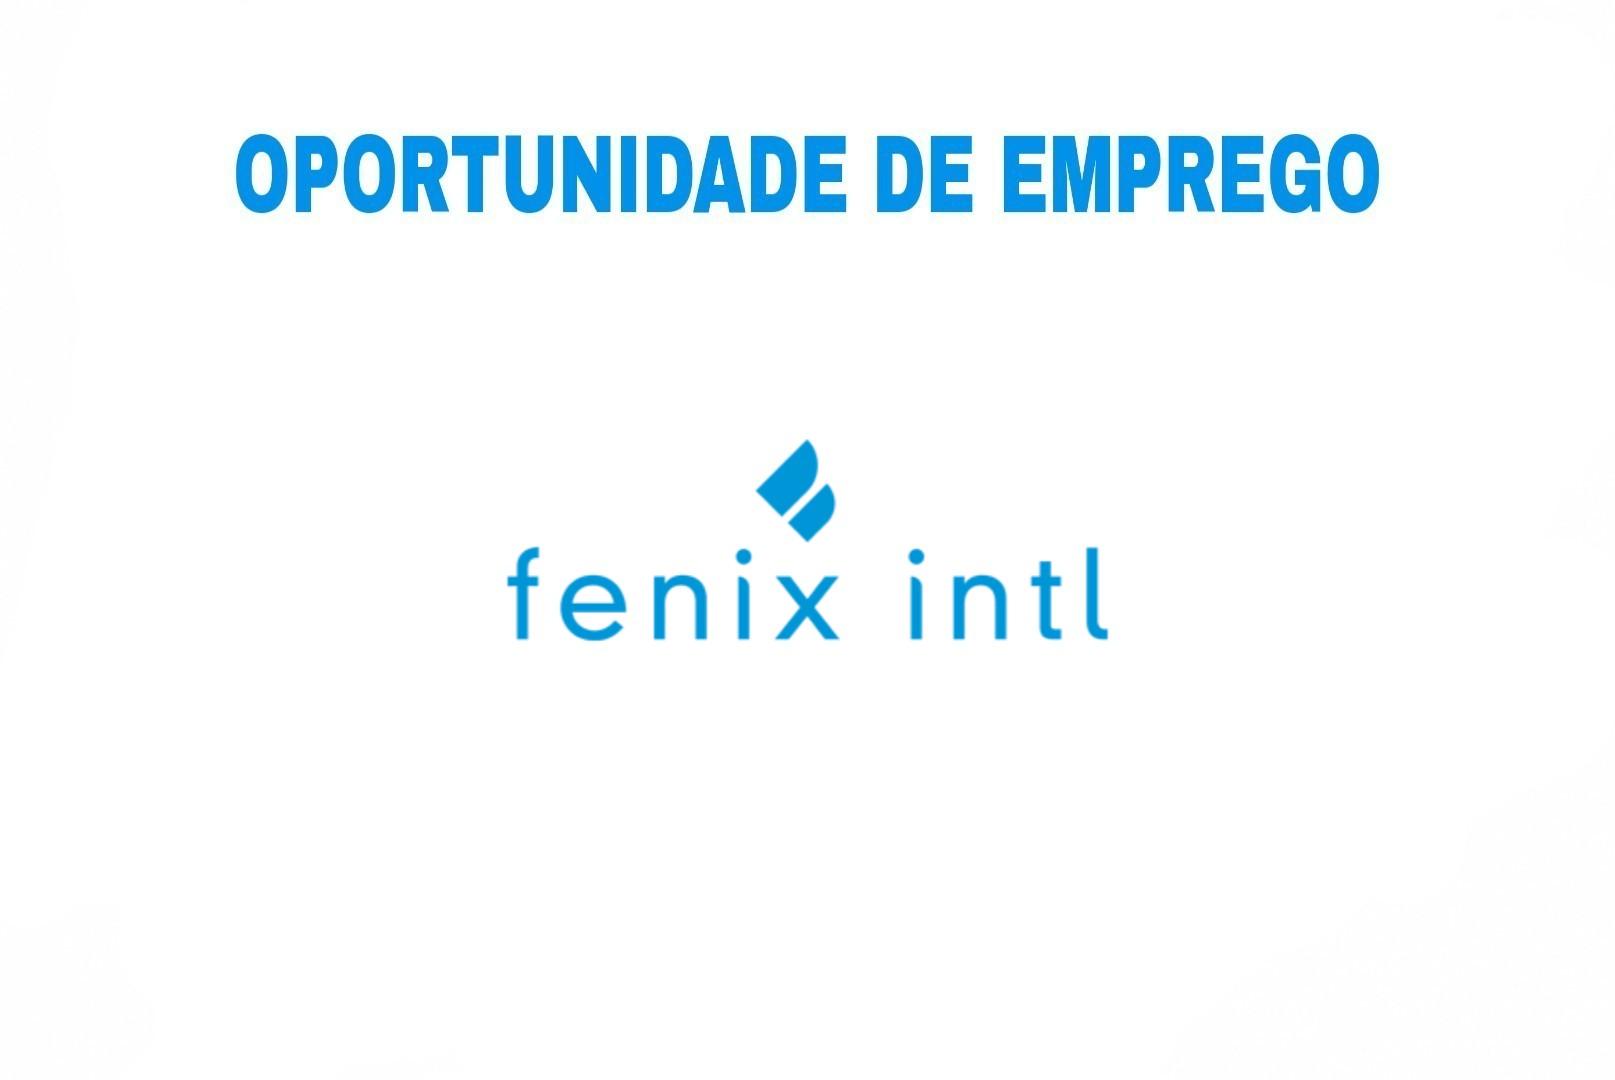 Sovagasmoz - Fenix International - Oficiais de Qualidade e Vendas